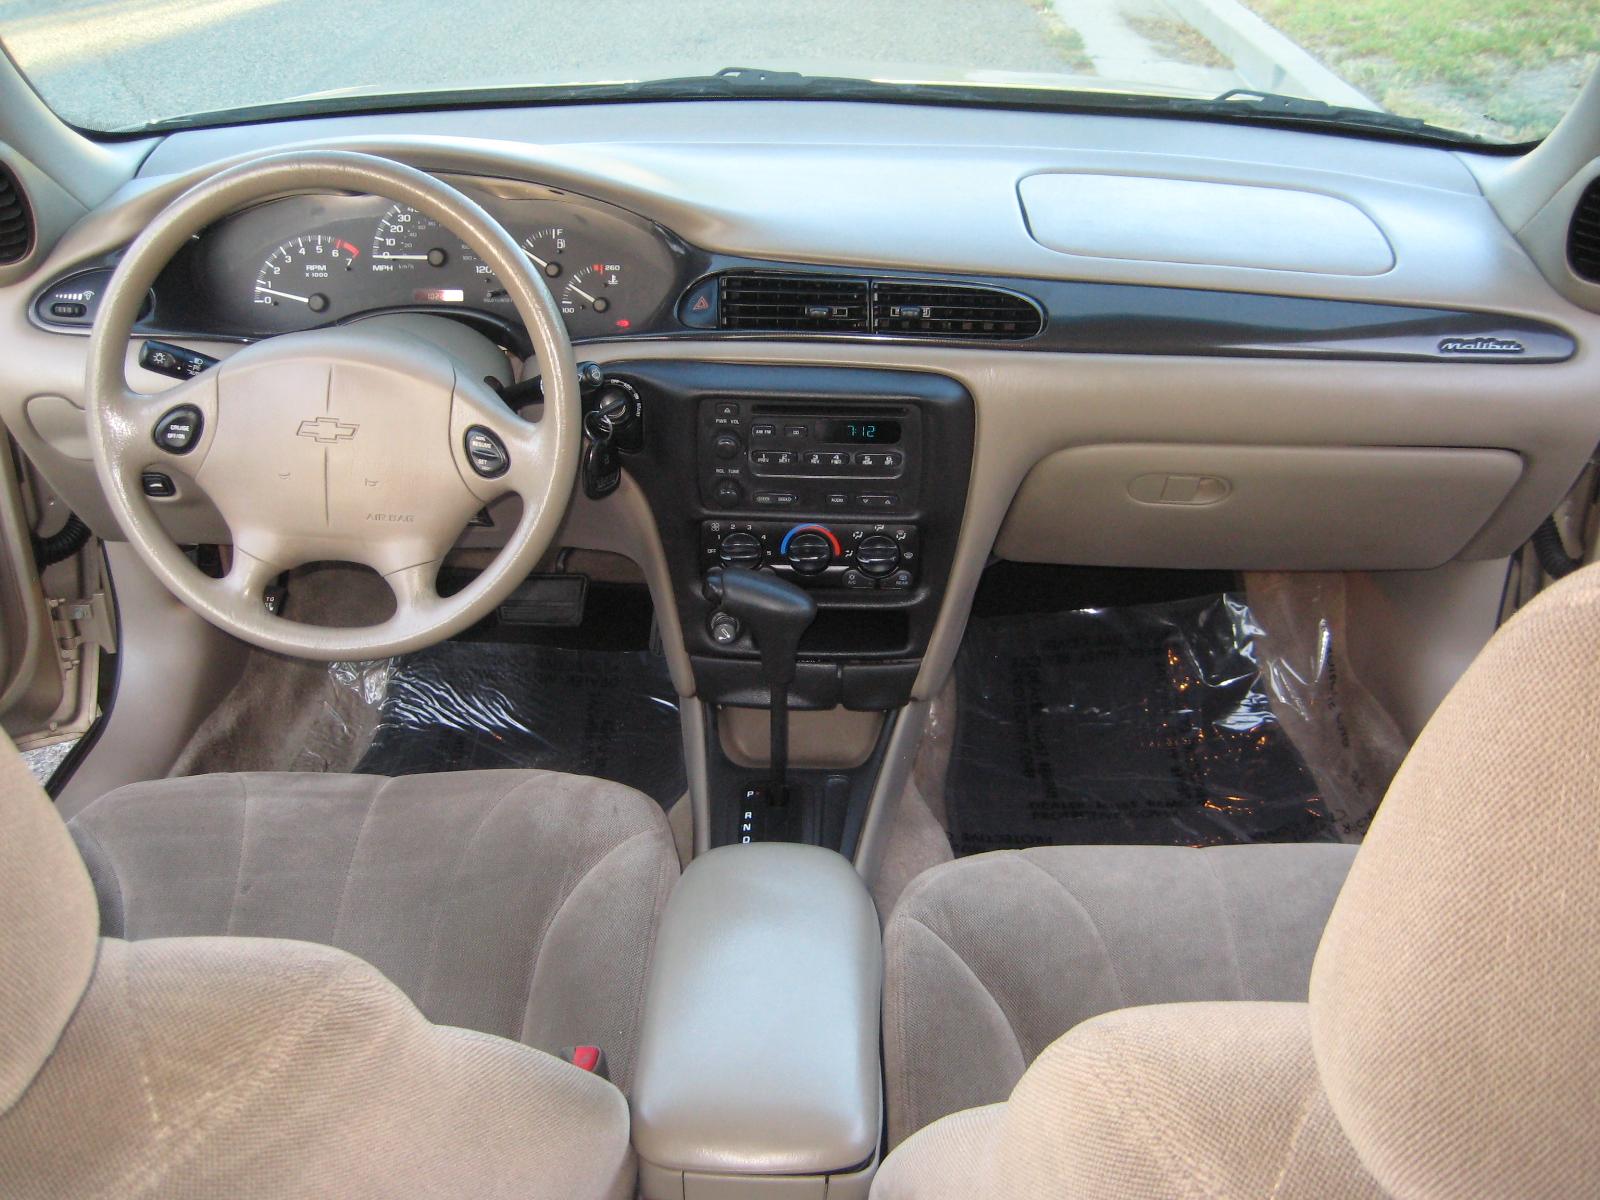 2003 Chevrolet Malibu Pictures Cargurus